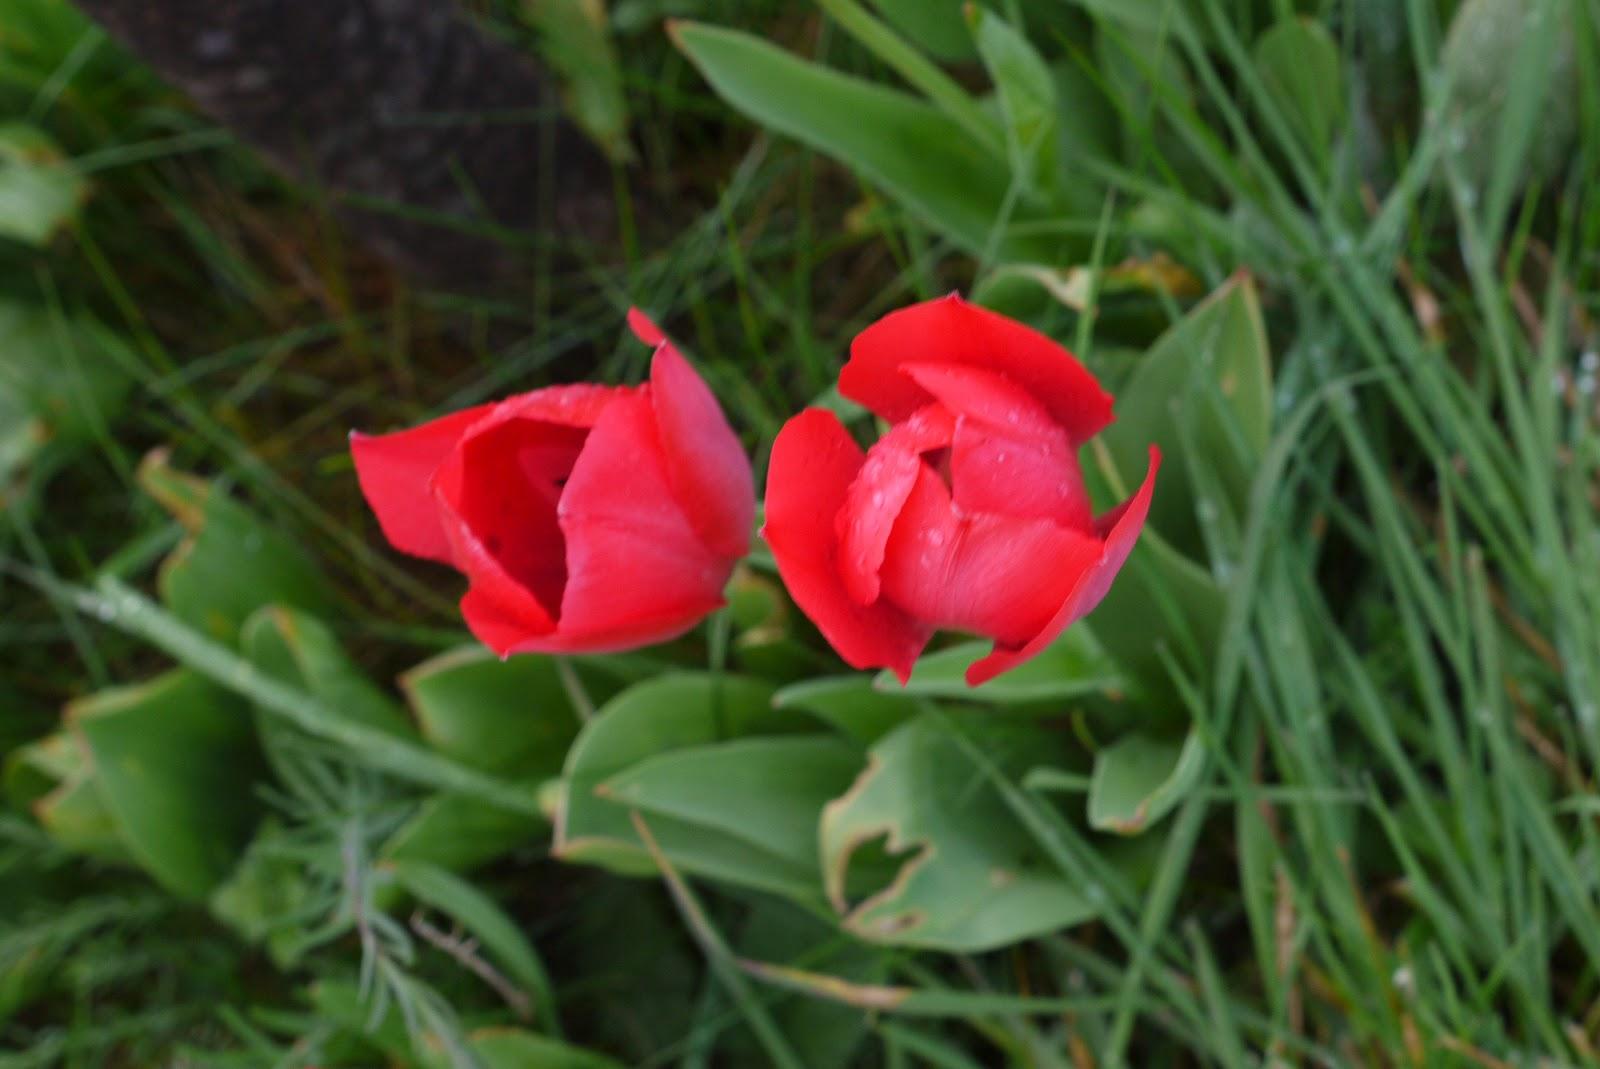 Je t 39 aime colette printemps pourri c 39 est encore bien for Quelle heure ikea ouvre t il aujourd hui